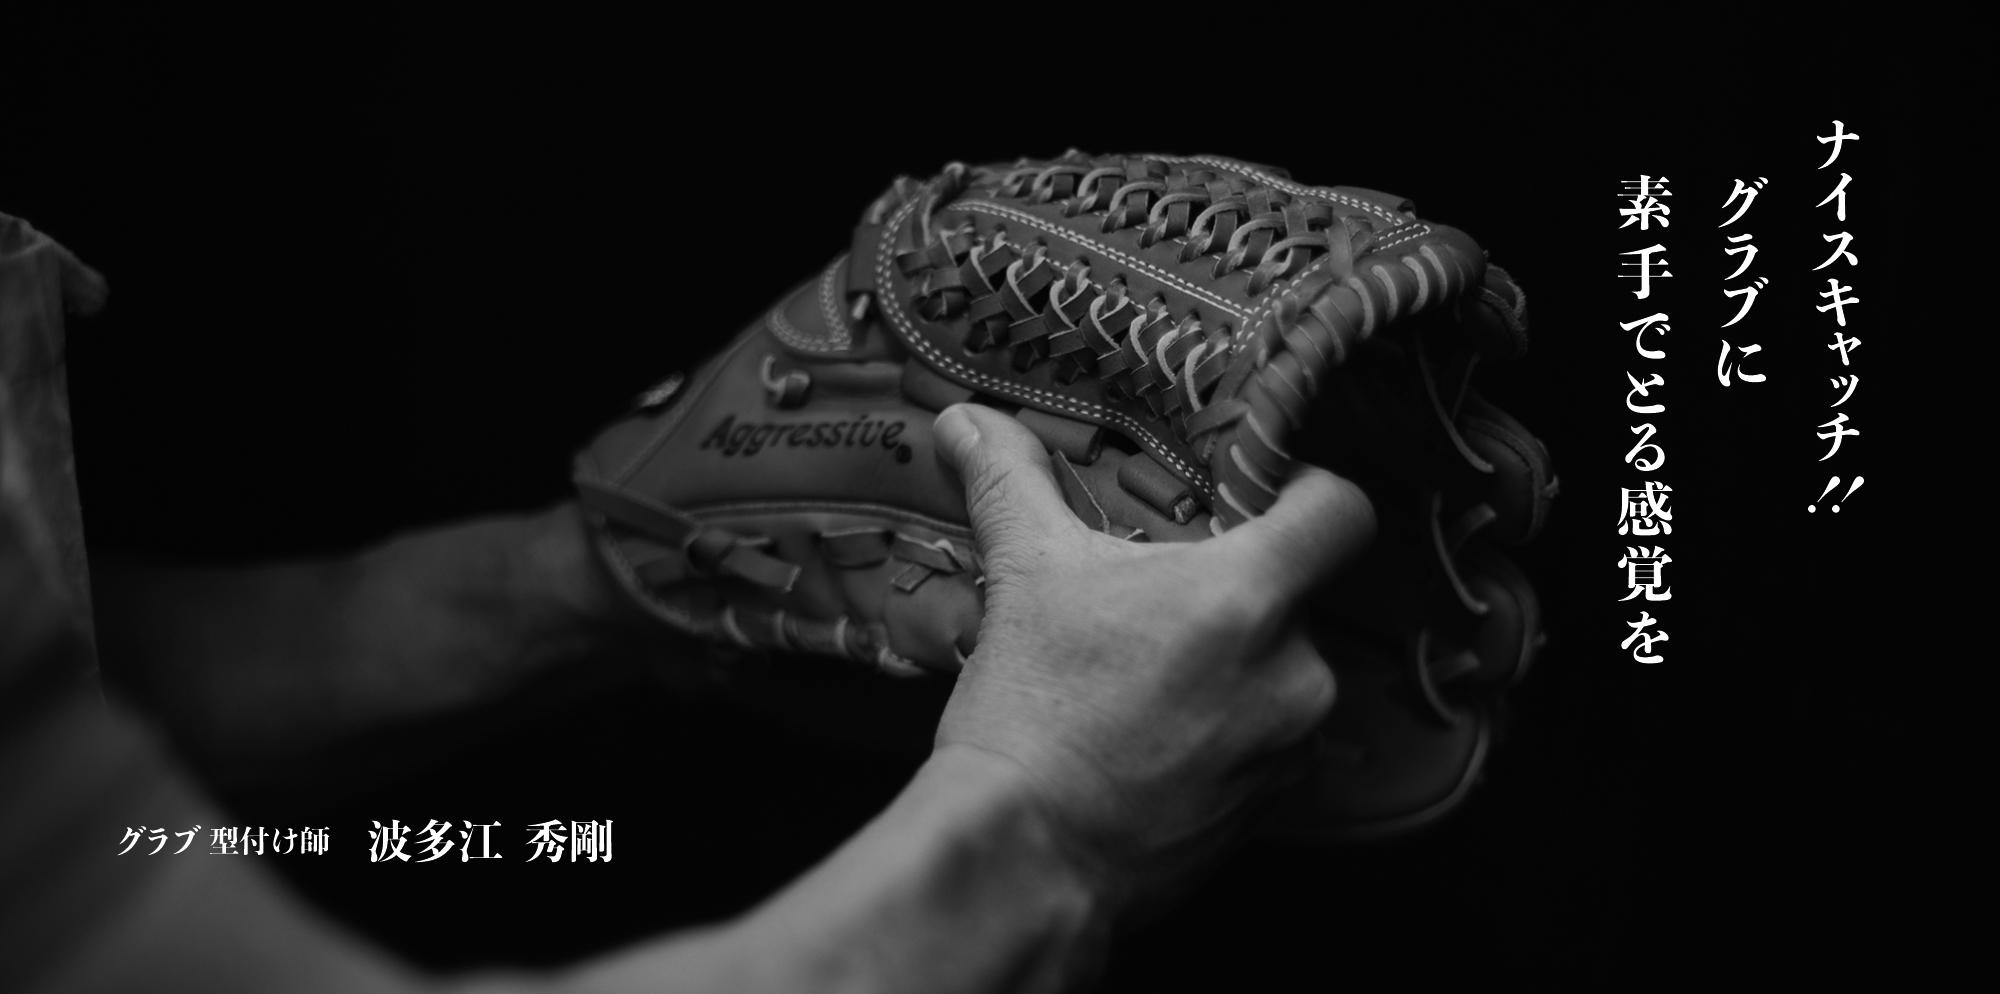 グラブ型付け師 波多江秀剛 | 野球サポート専門|福岡西区